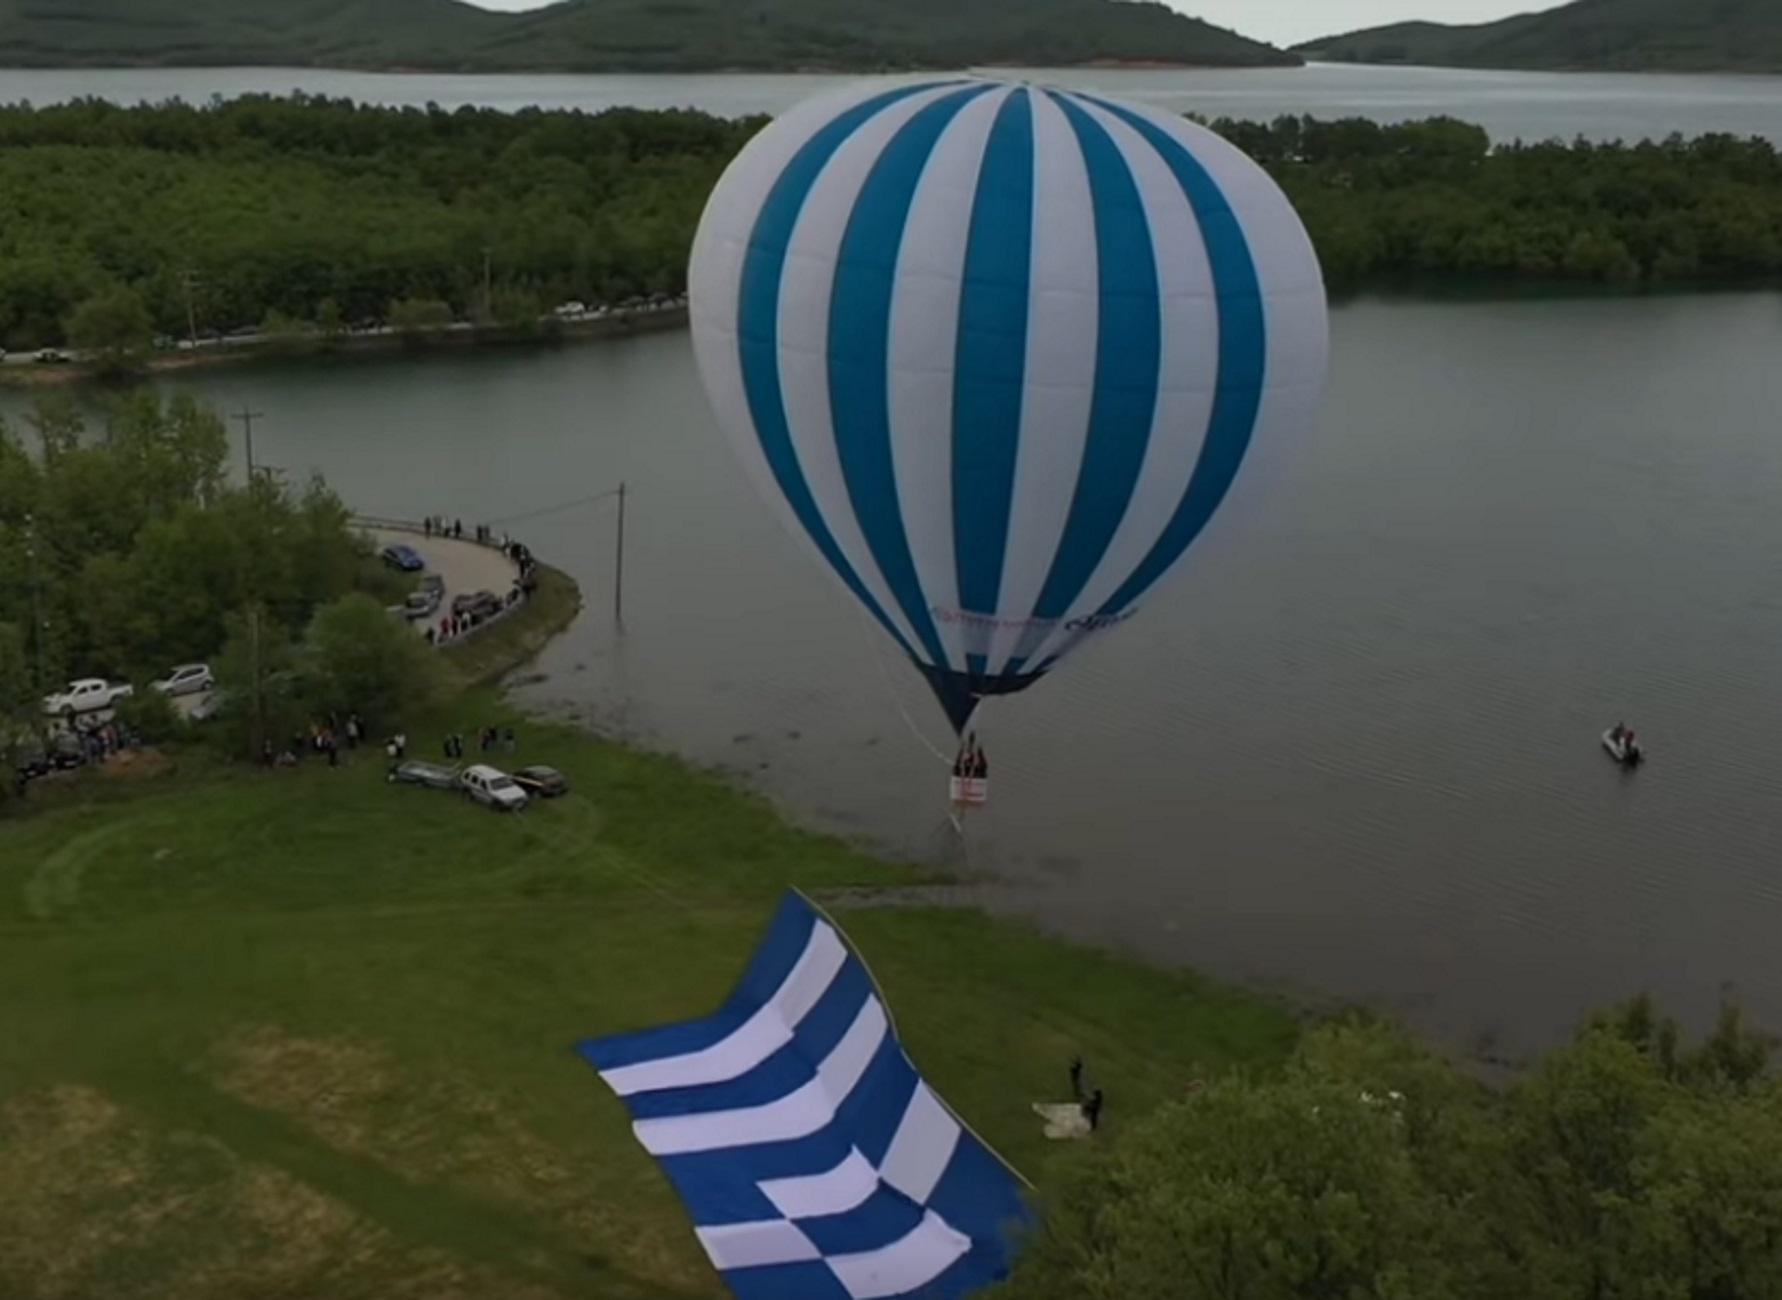 Λίμνη Πλαστήρα: Με αερόστατο η έπαρση της μεγαλύτερης ελληνικής σημαίας στον κόσμο (video)